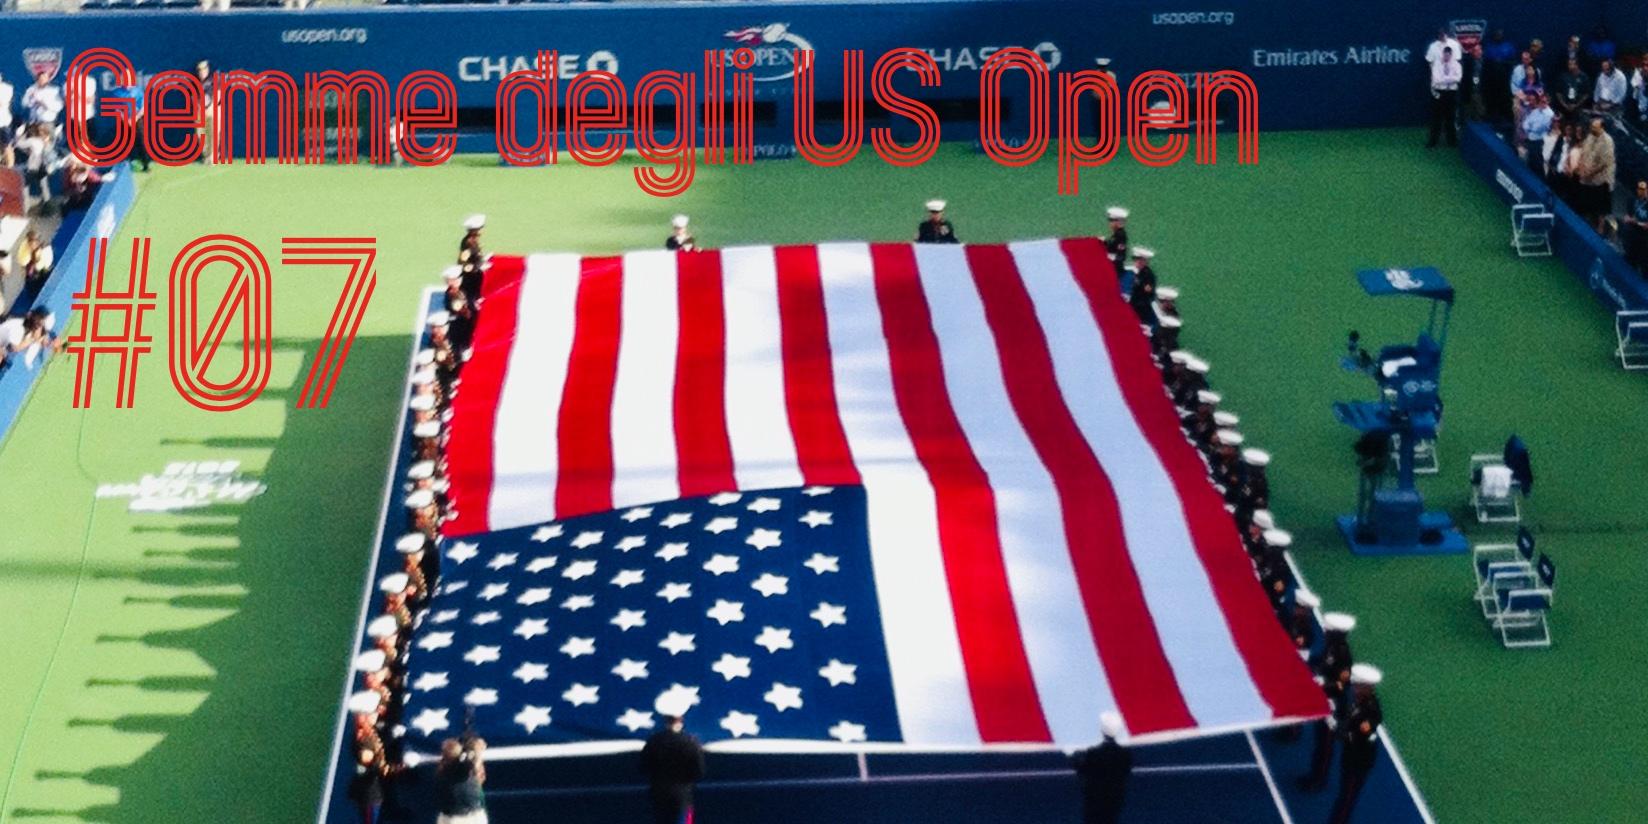 Gemme degli US Open #7 - settesei.it